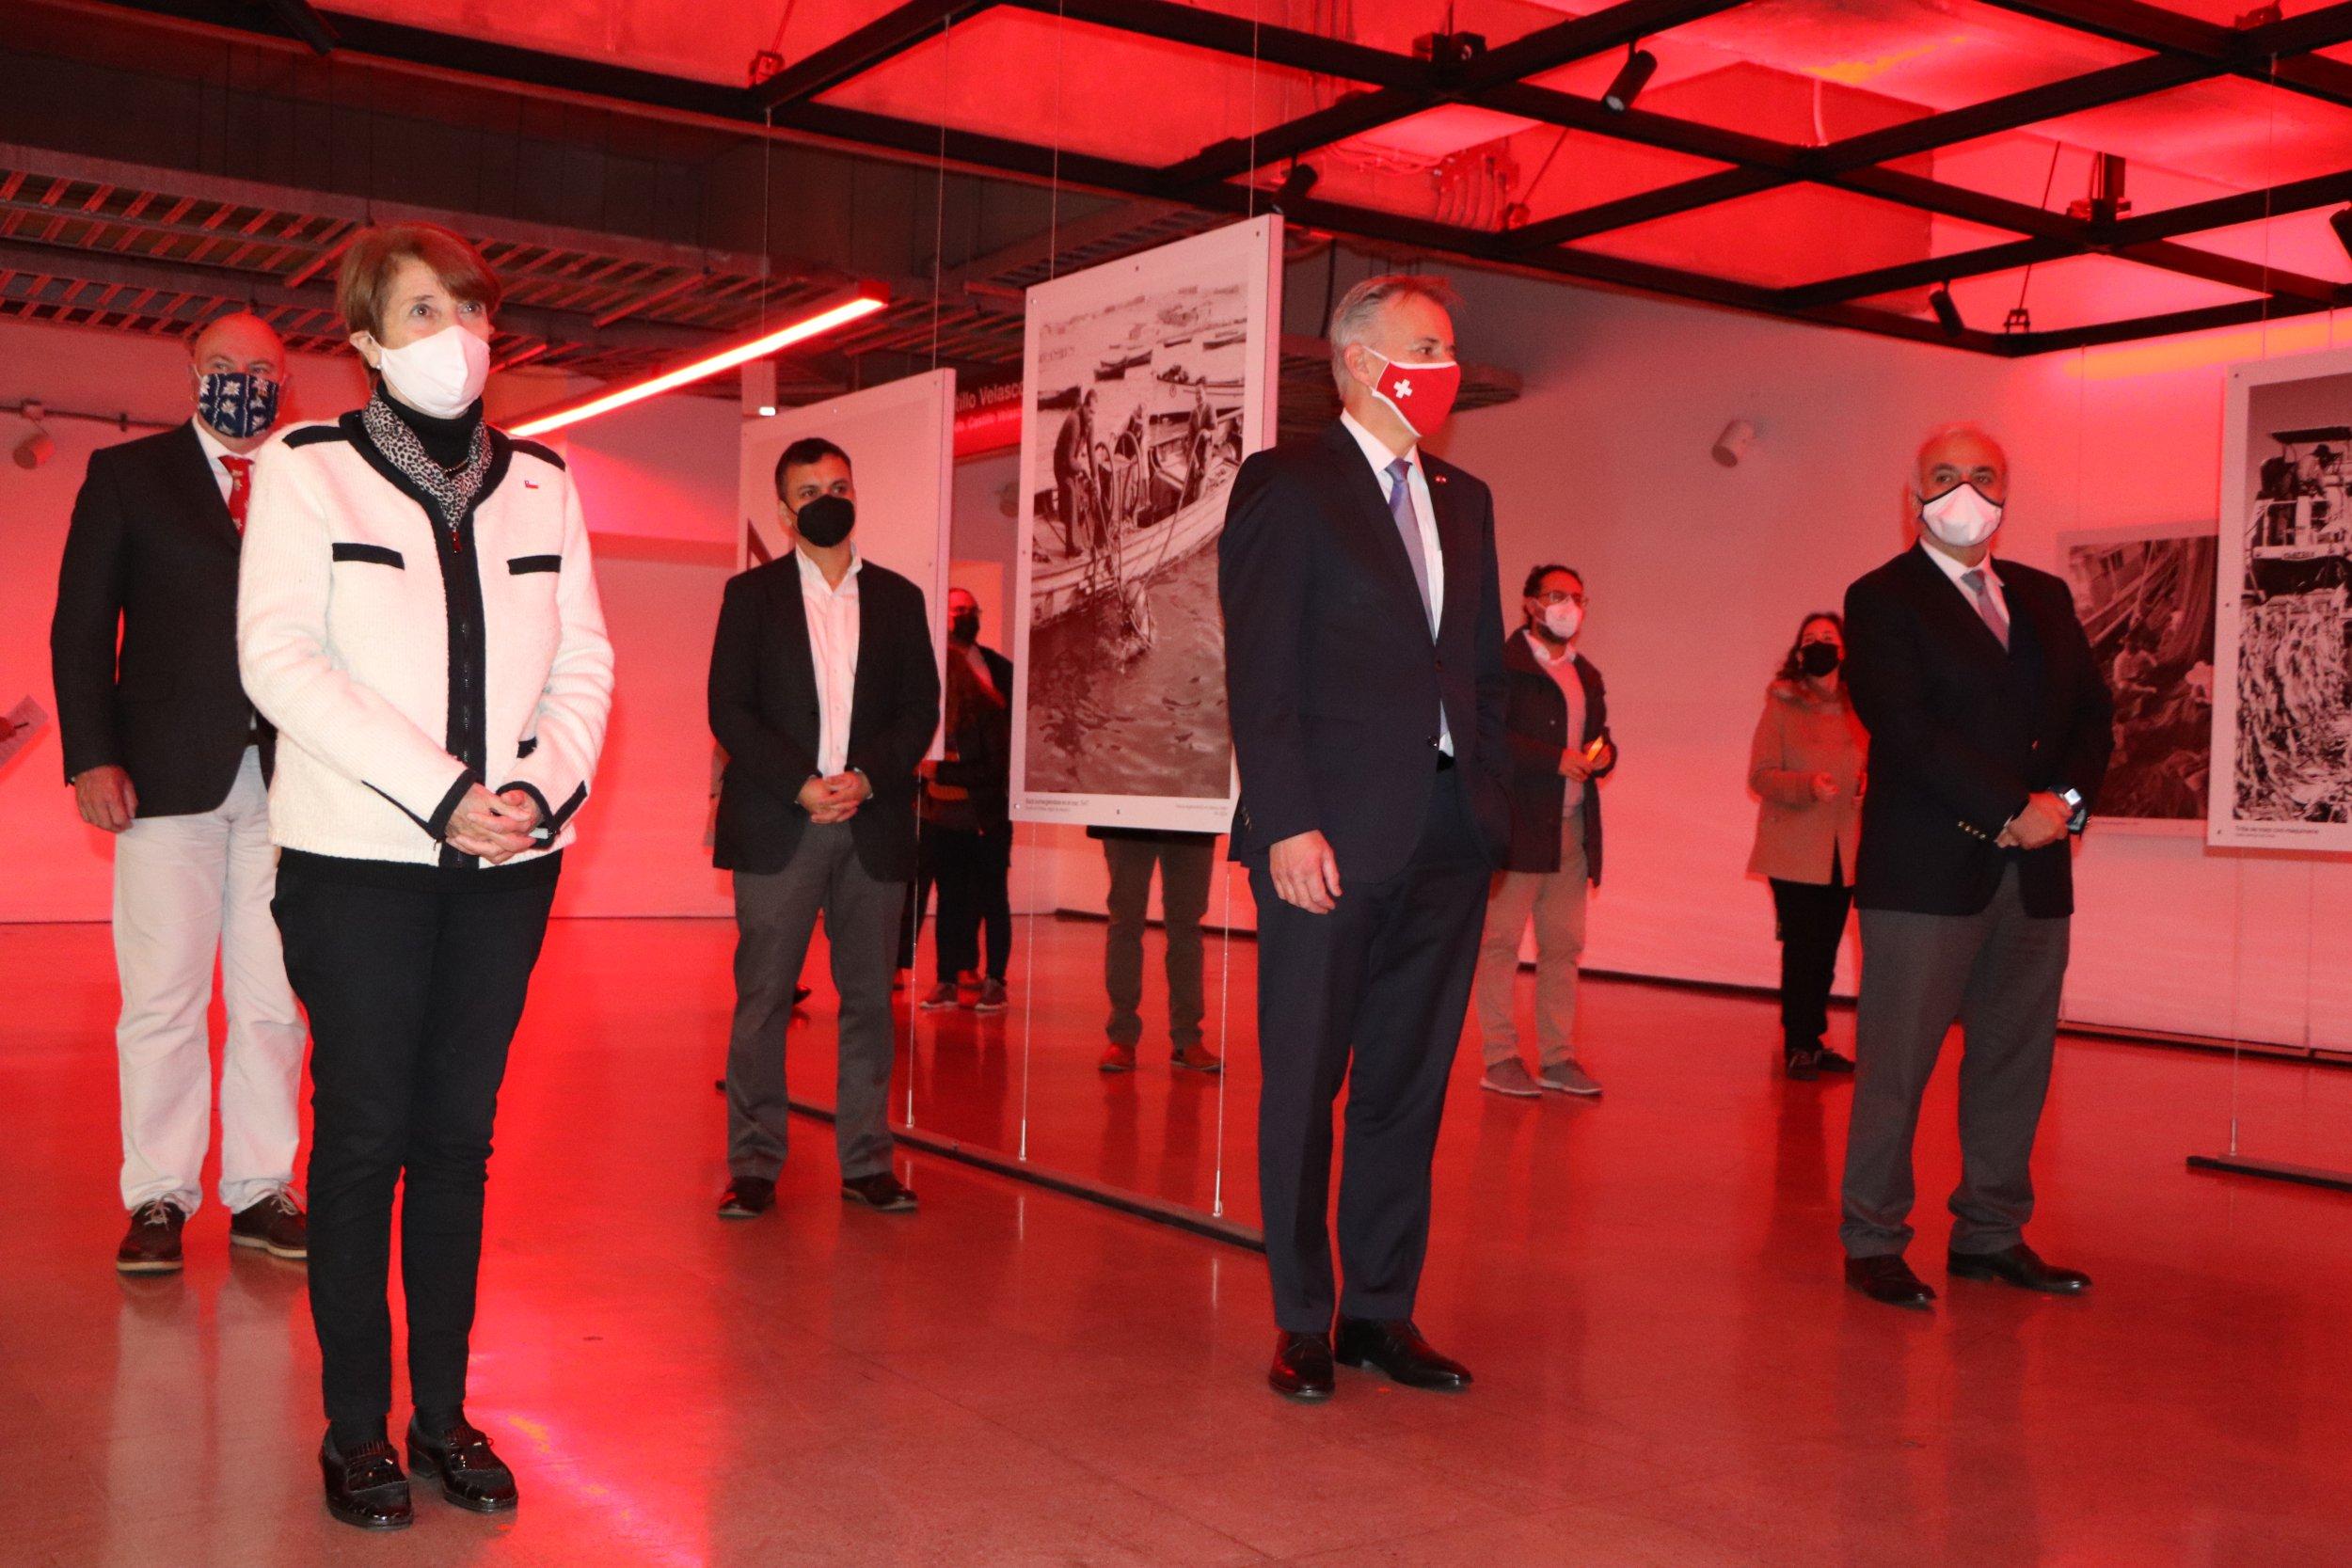 Ministerio de las Culturas, Embajada de Suiza y Metro de Santiago inauguran galería de arte público con exposición fotográfica de Roberto Montandon